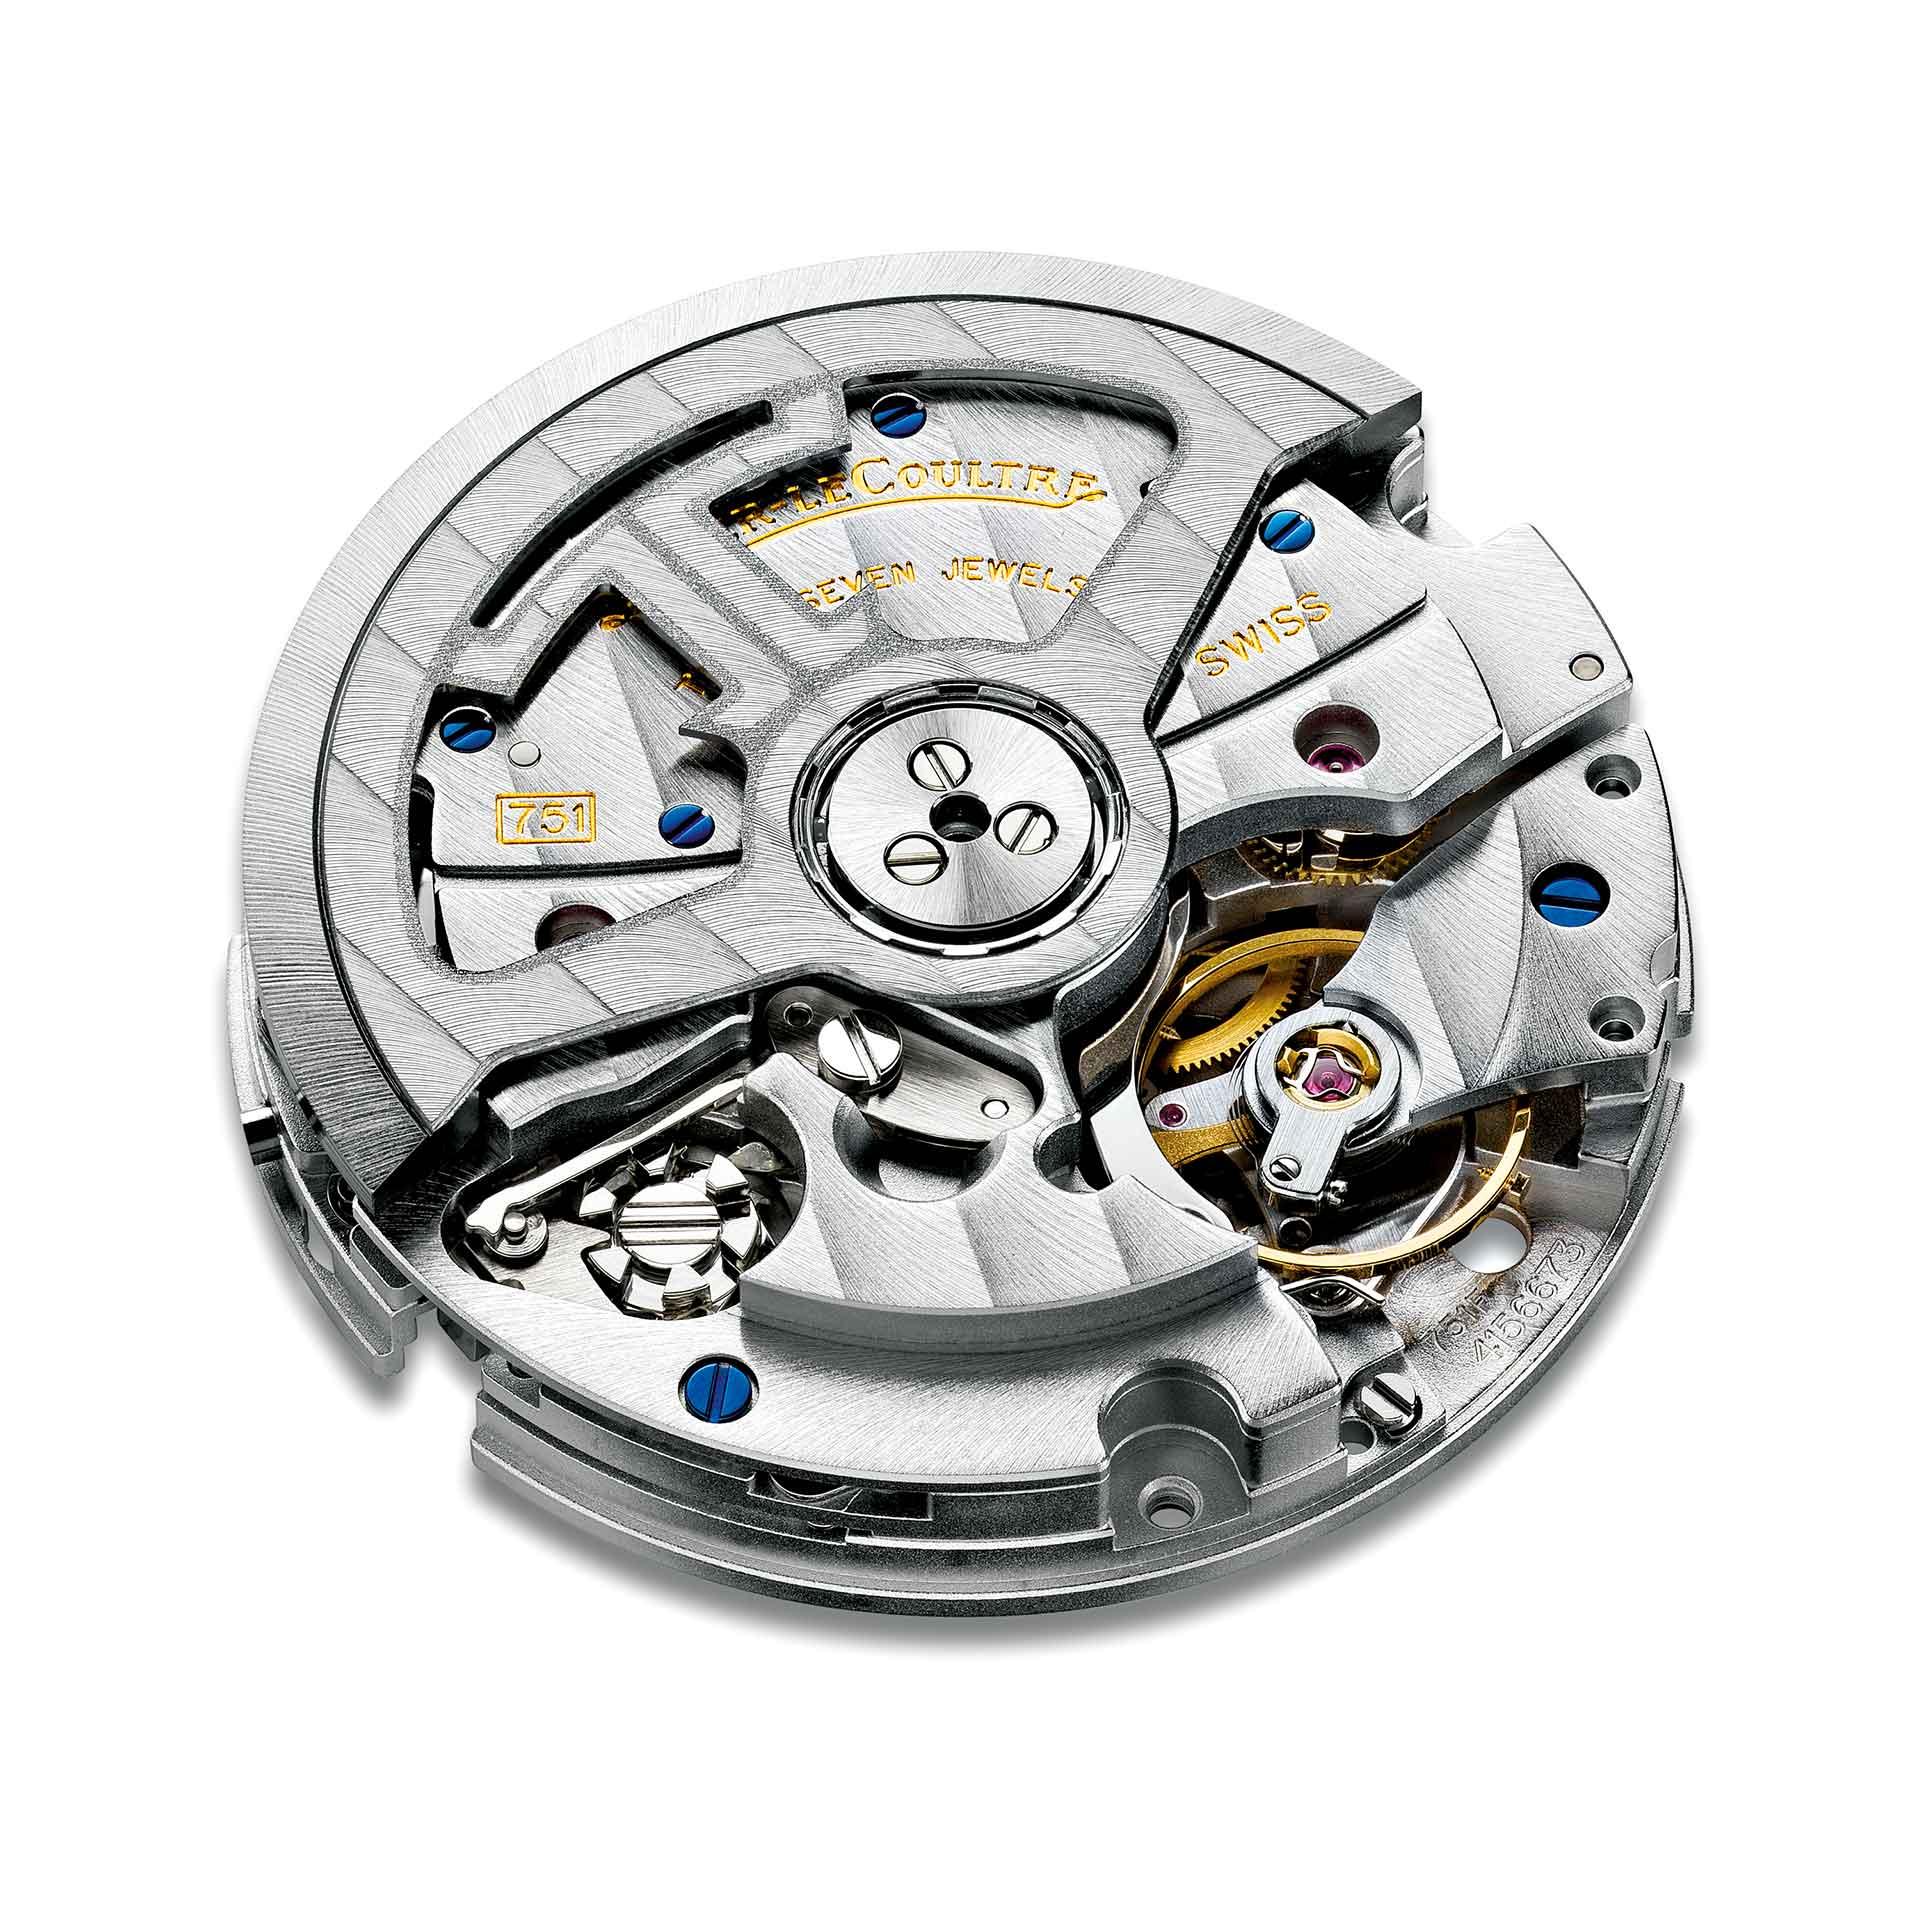 Im 42 Millimeter großen Edelstahlgehäuse des Polaris Chronograph arbeitet das hauseigene Automatikkaliber 751.